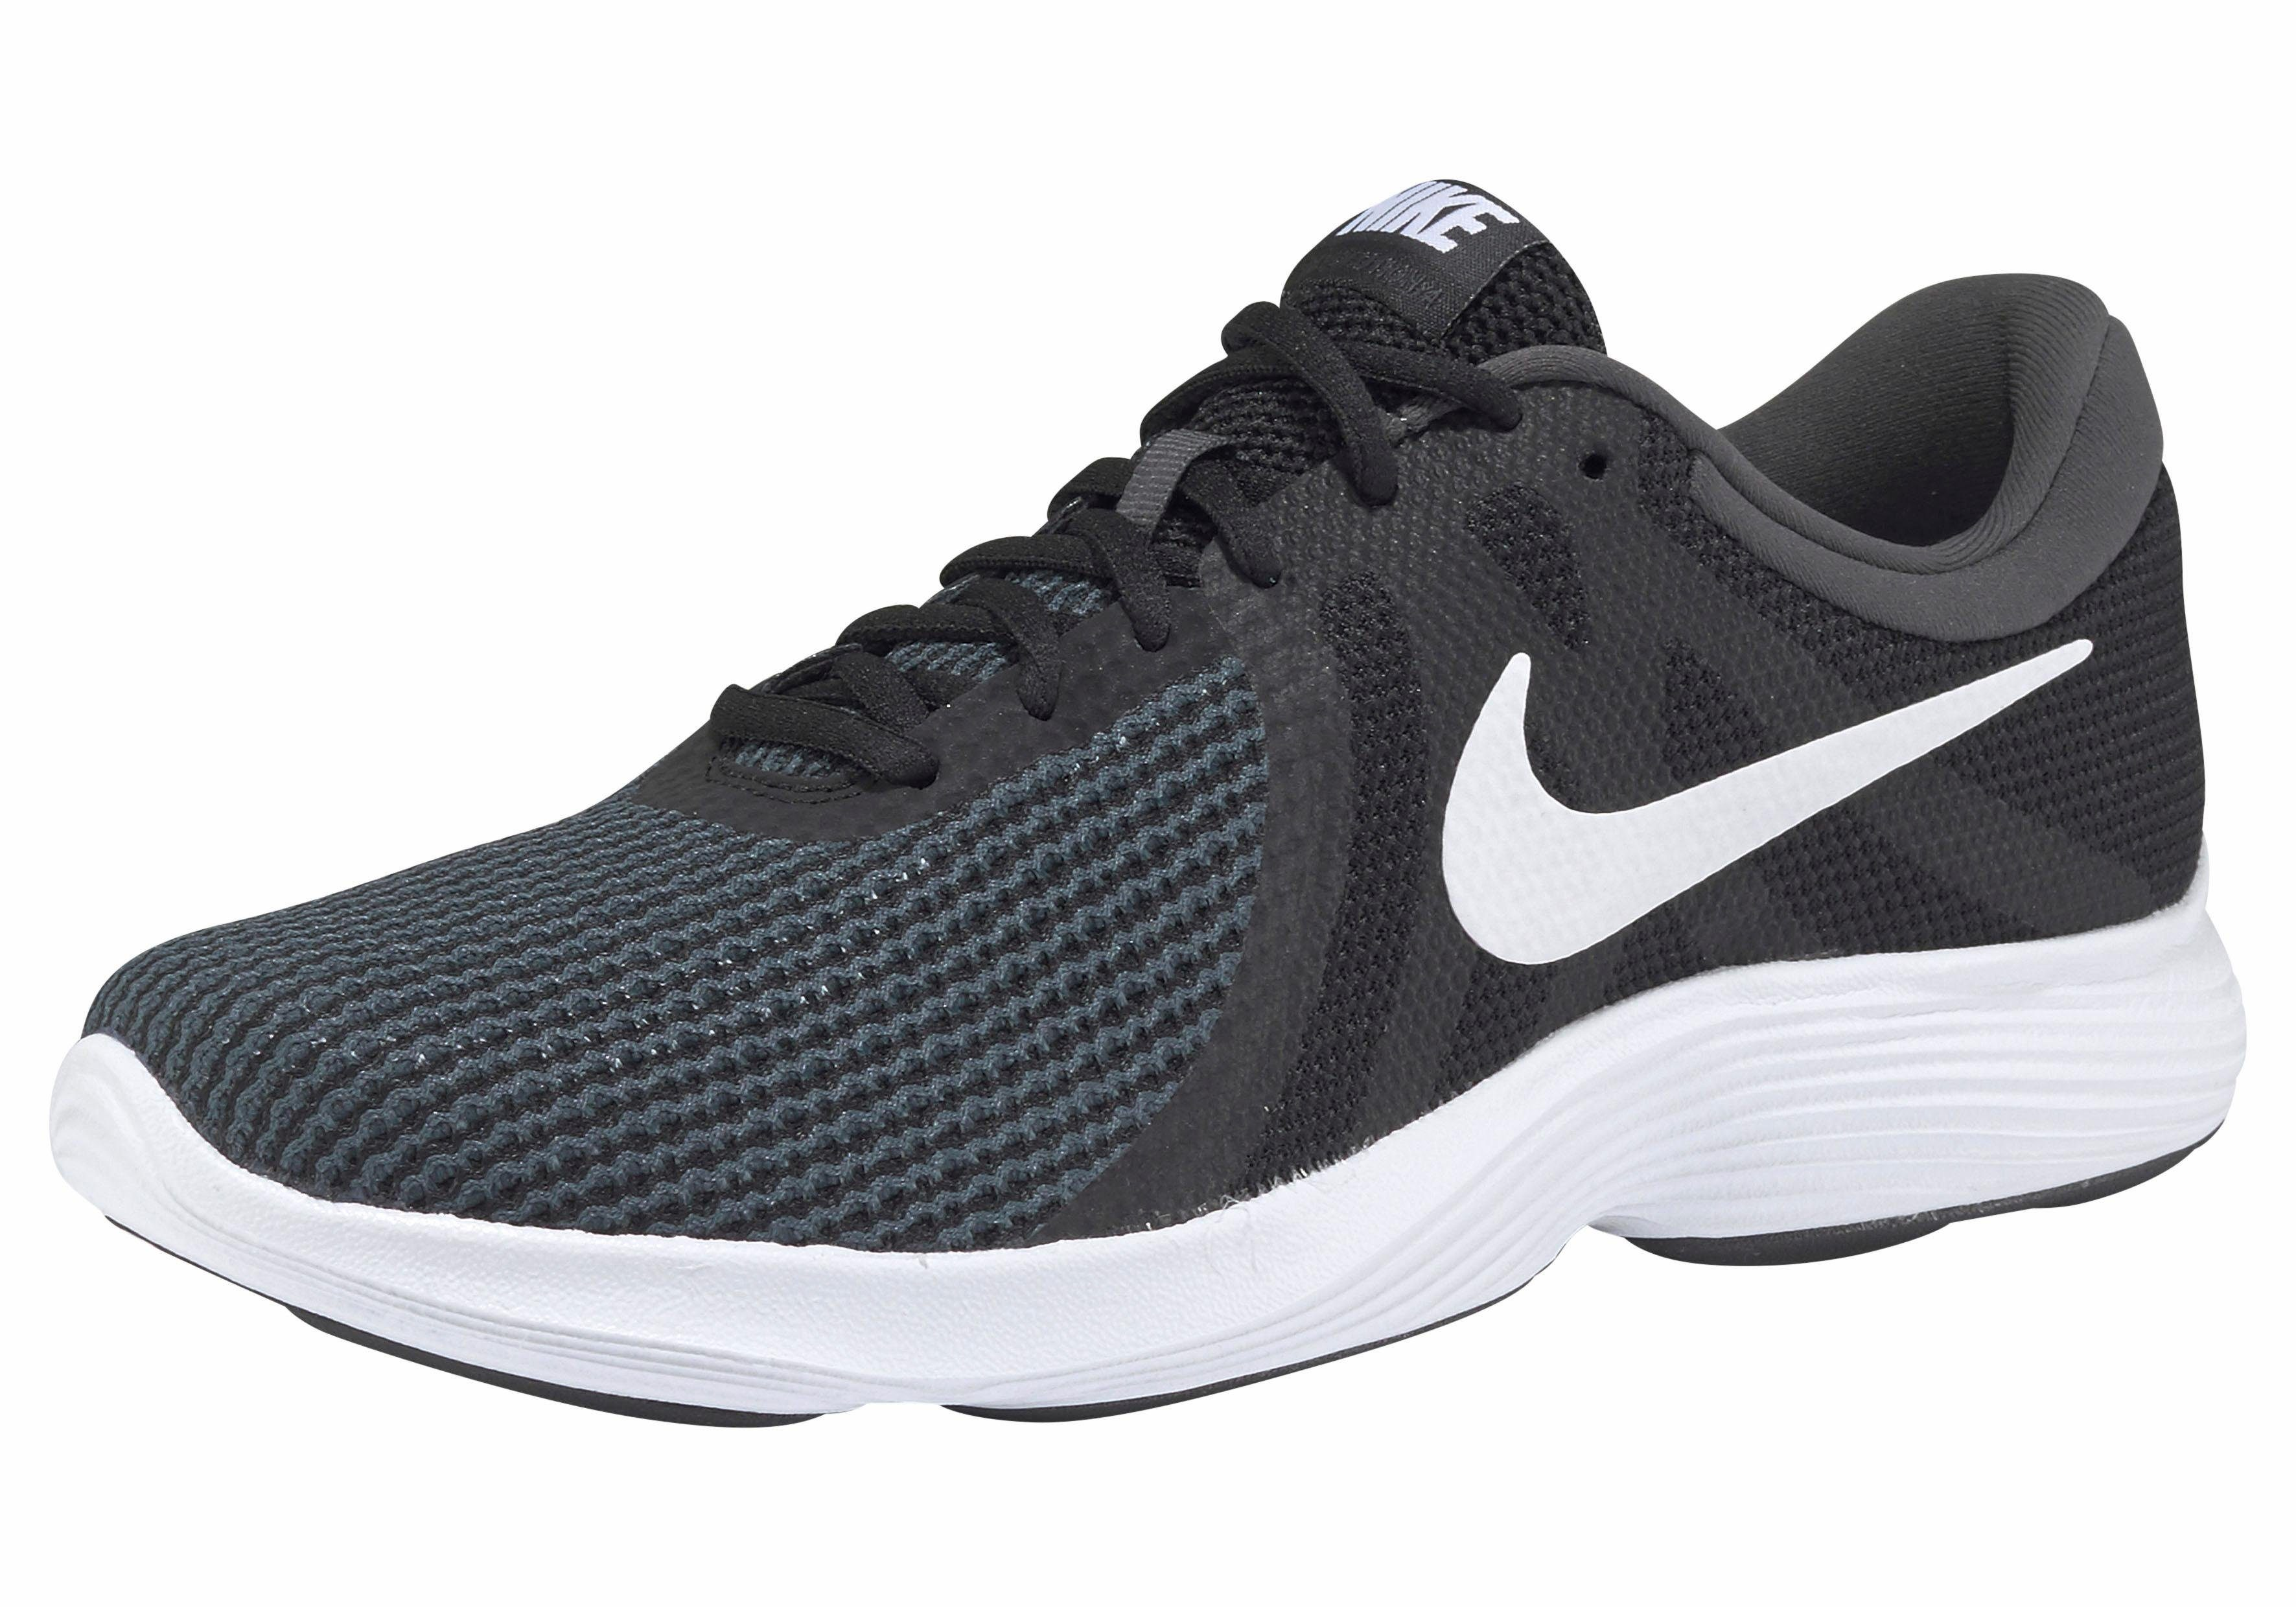 Nike »Revolution 4« Laufschuh, Mesh Obermaterial für optimale Klimaregulierung online kaufen | OTTO